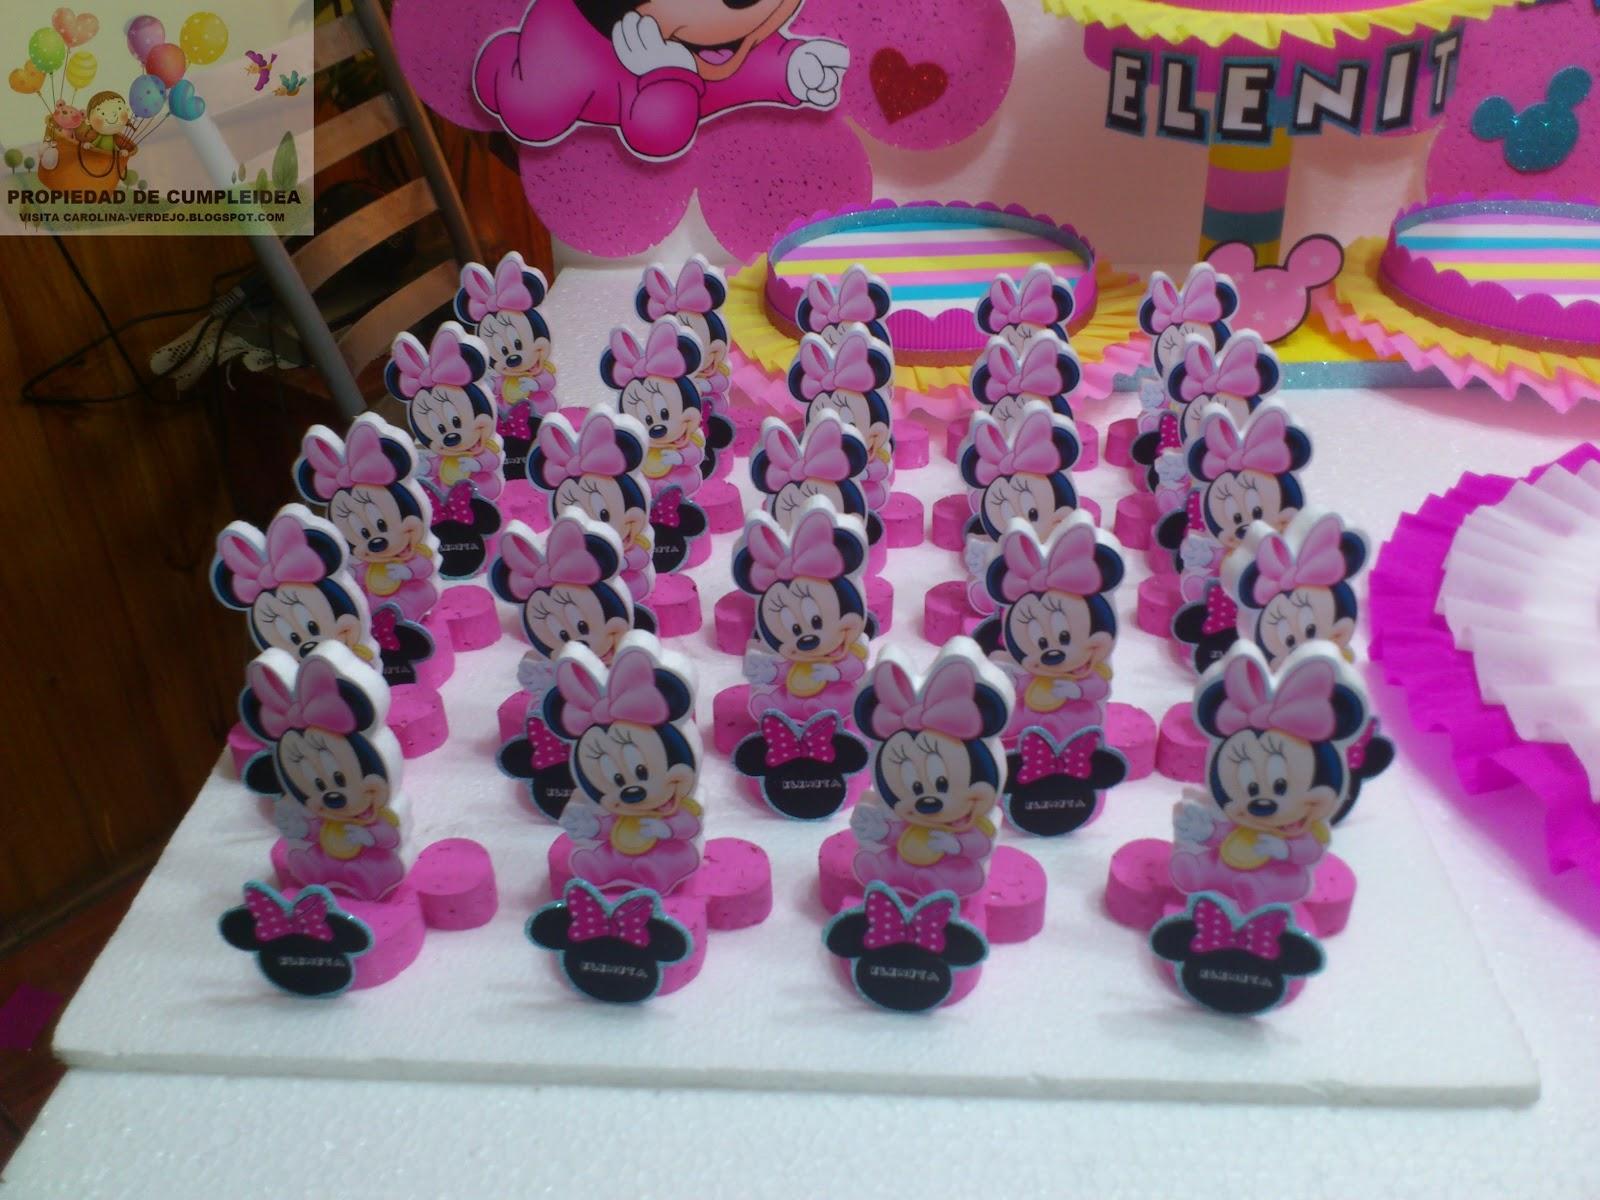 Pin decoraciones infantiles pack minnie bebe genuardis - Decoraciones para bebes ...